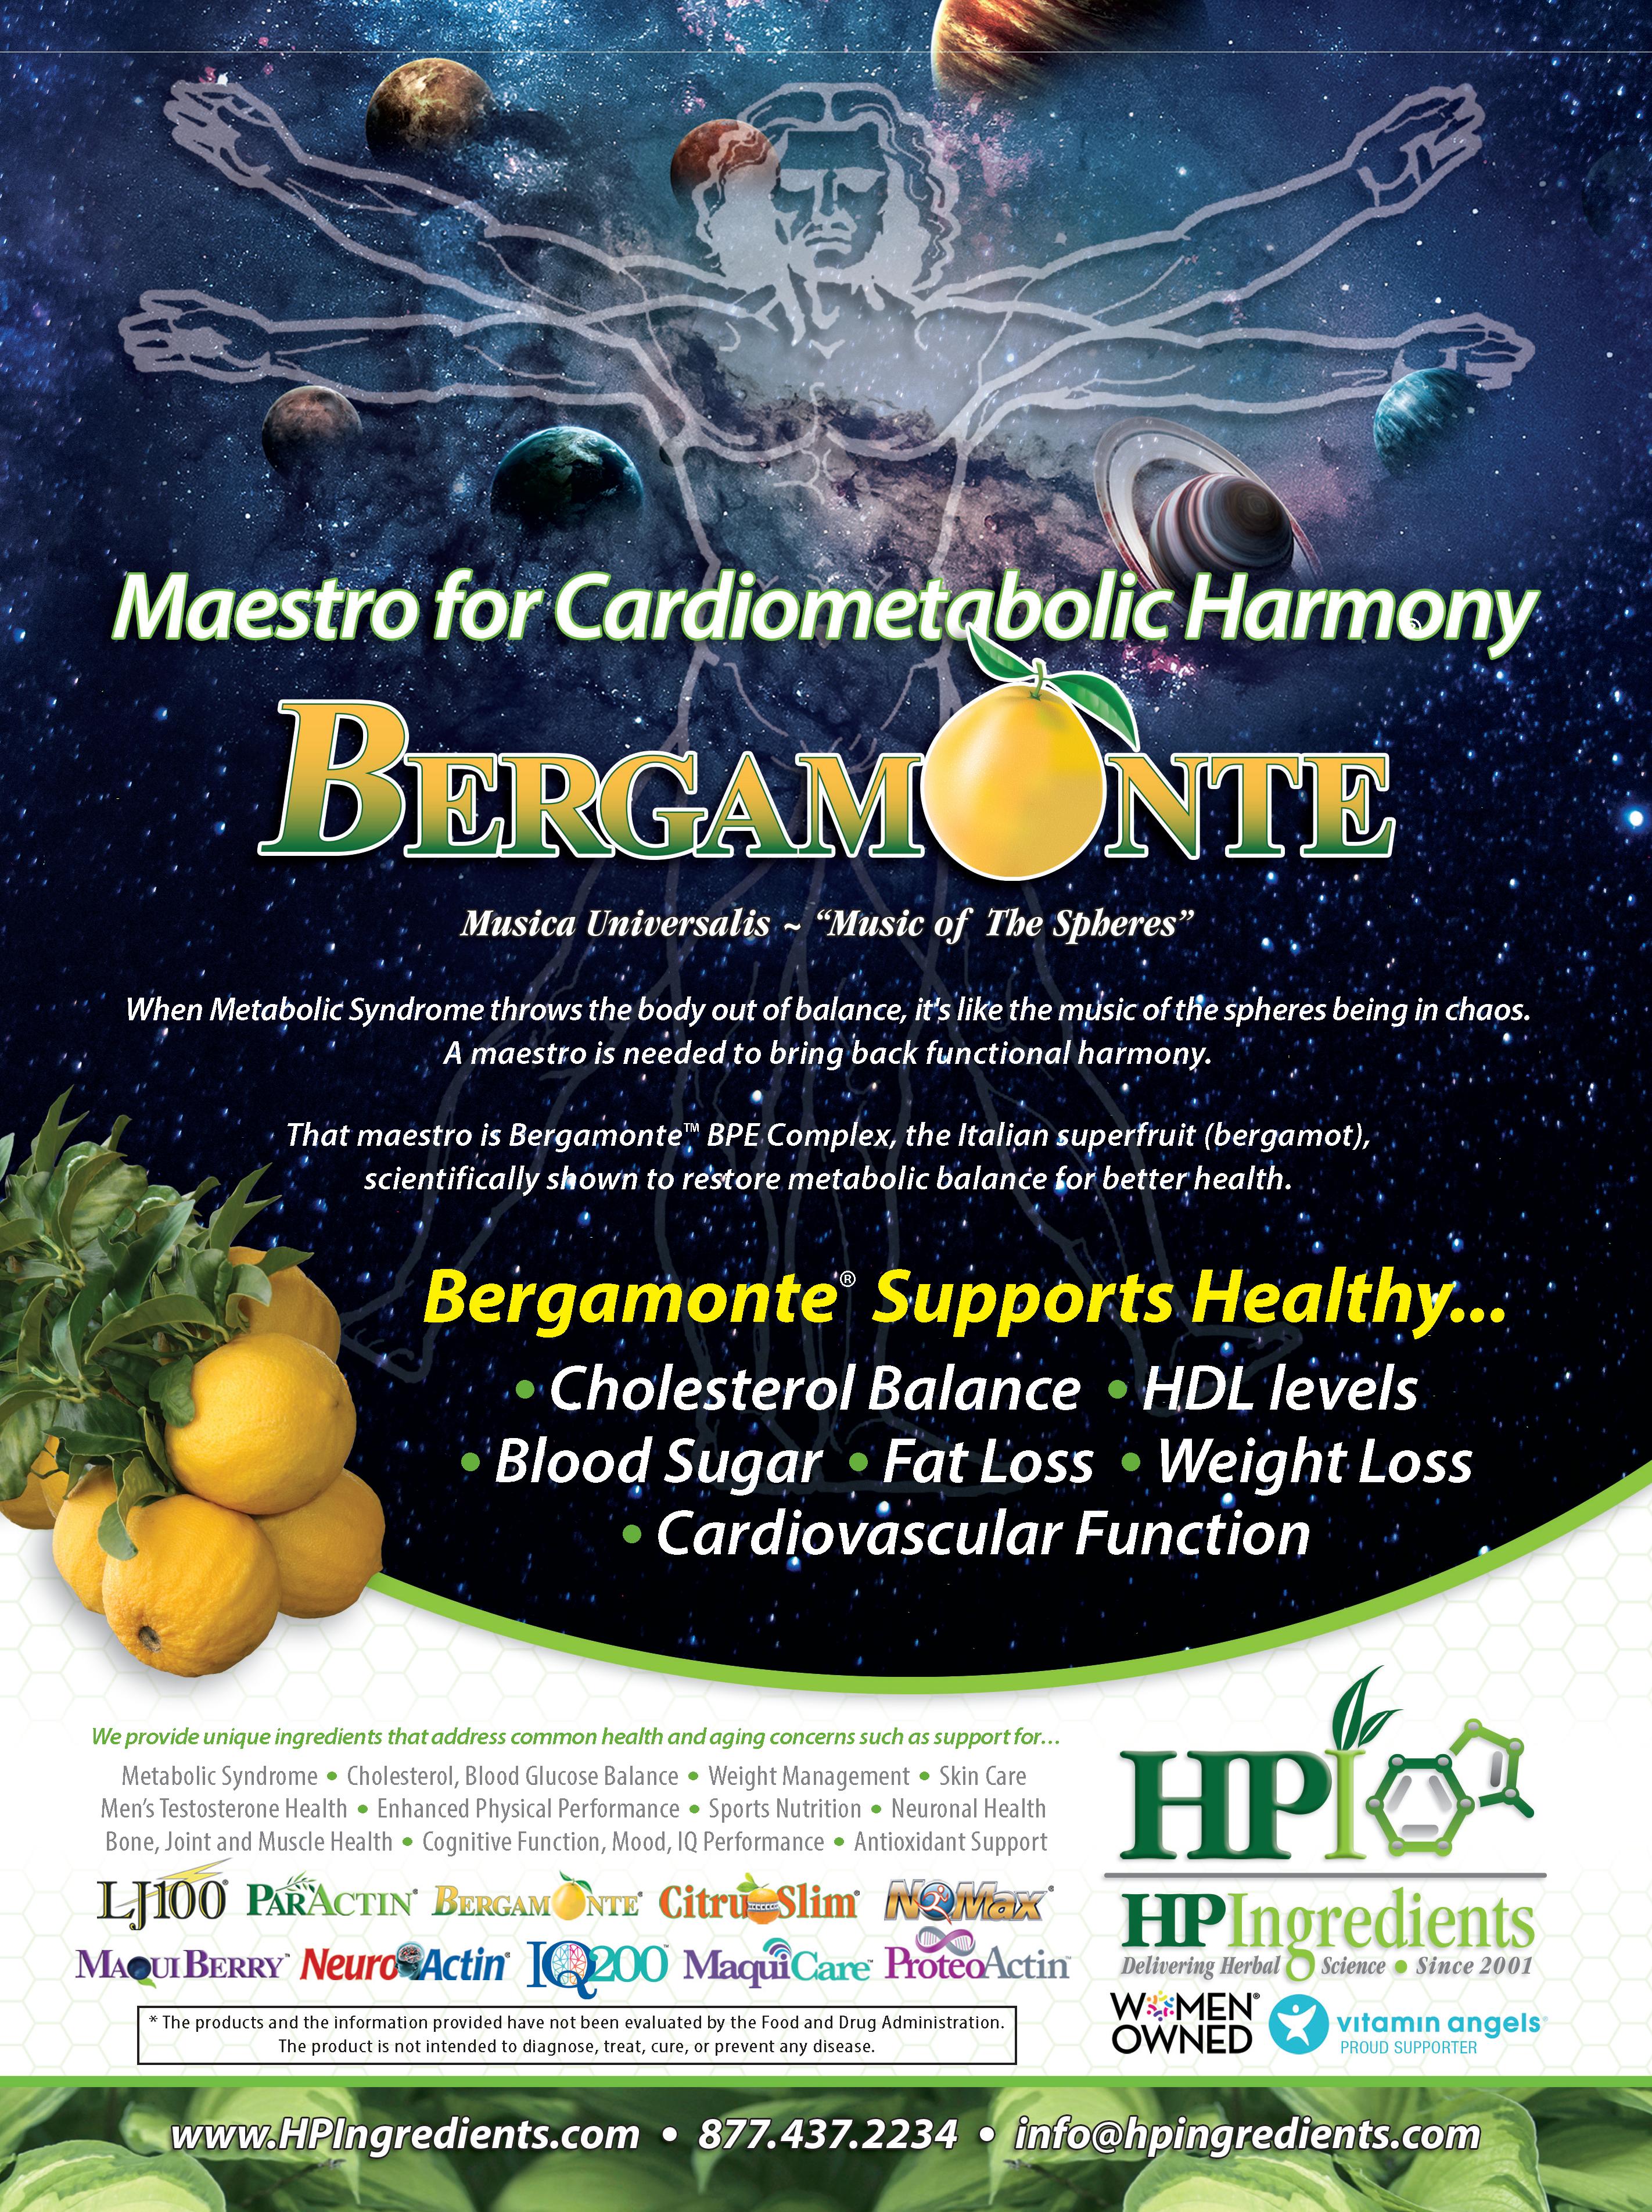 bergamonte-nutindustry_fpg_janfeb_2020_v7-1